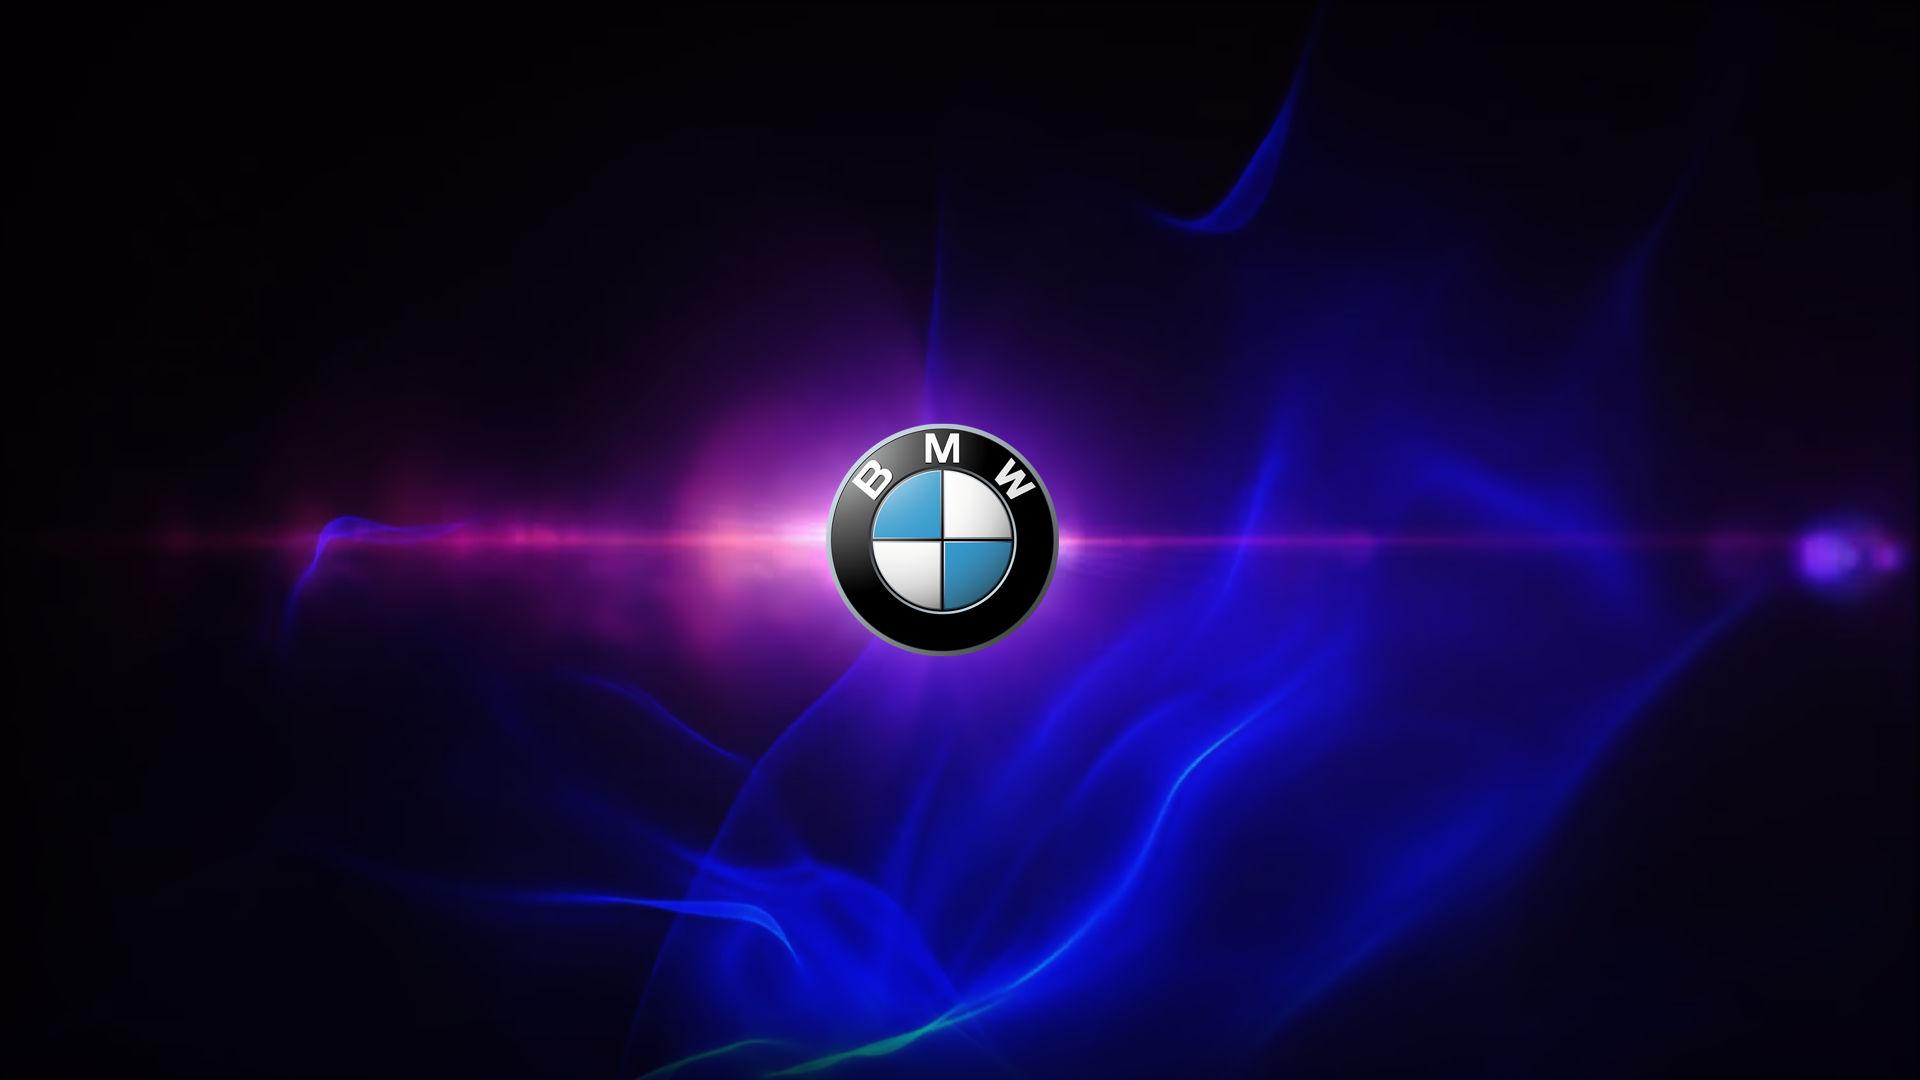 Bmw M Logo Wallpaper Hd Free Download